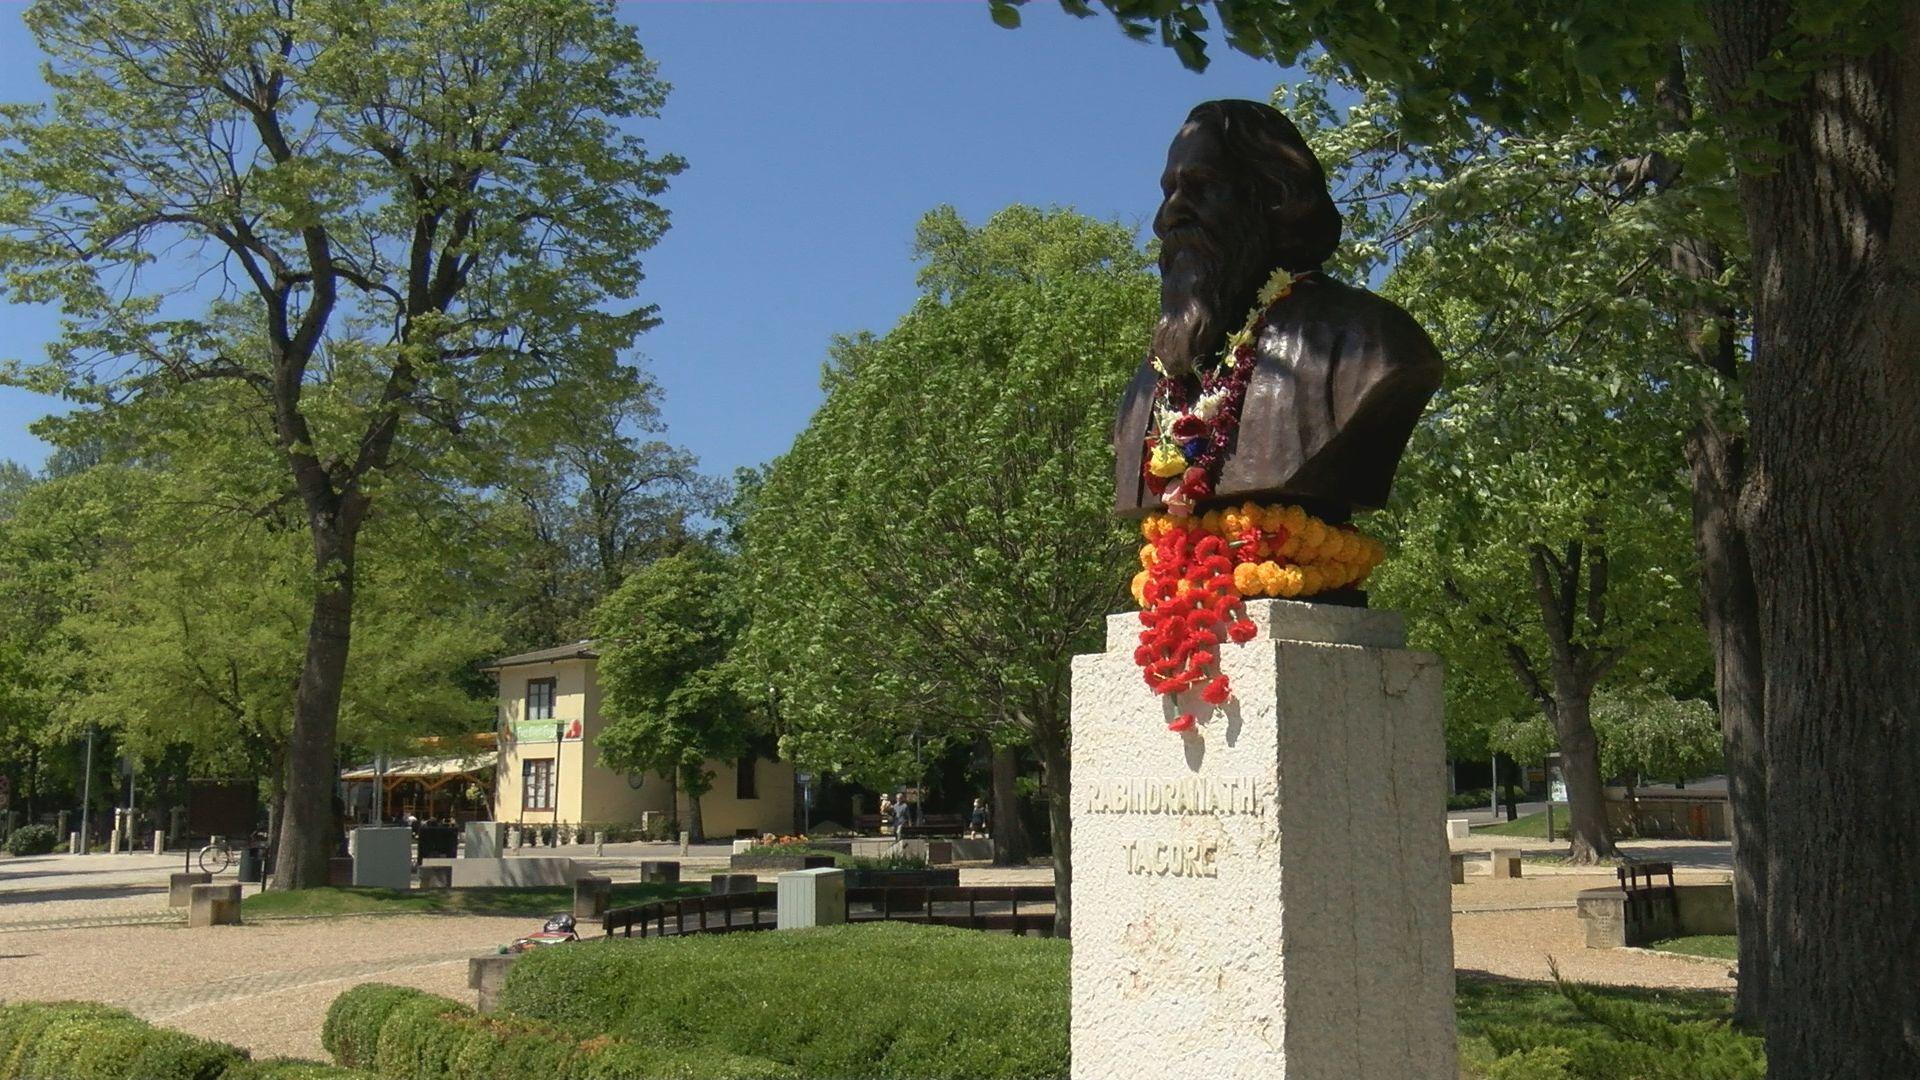 160 éve született Tagore, megemlékezés a szobránál